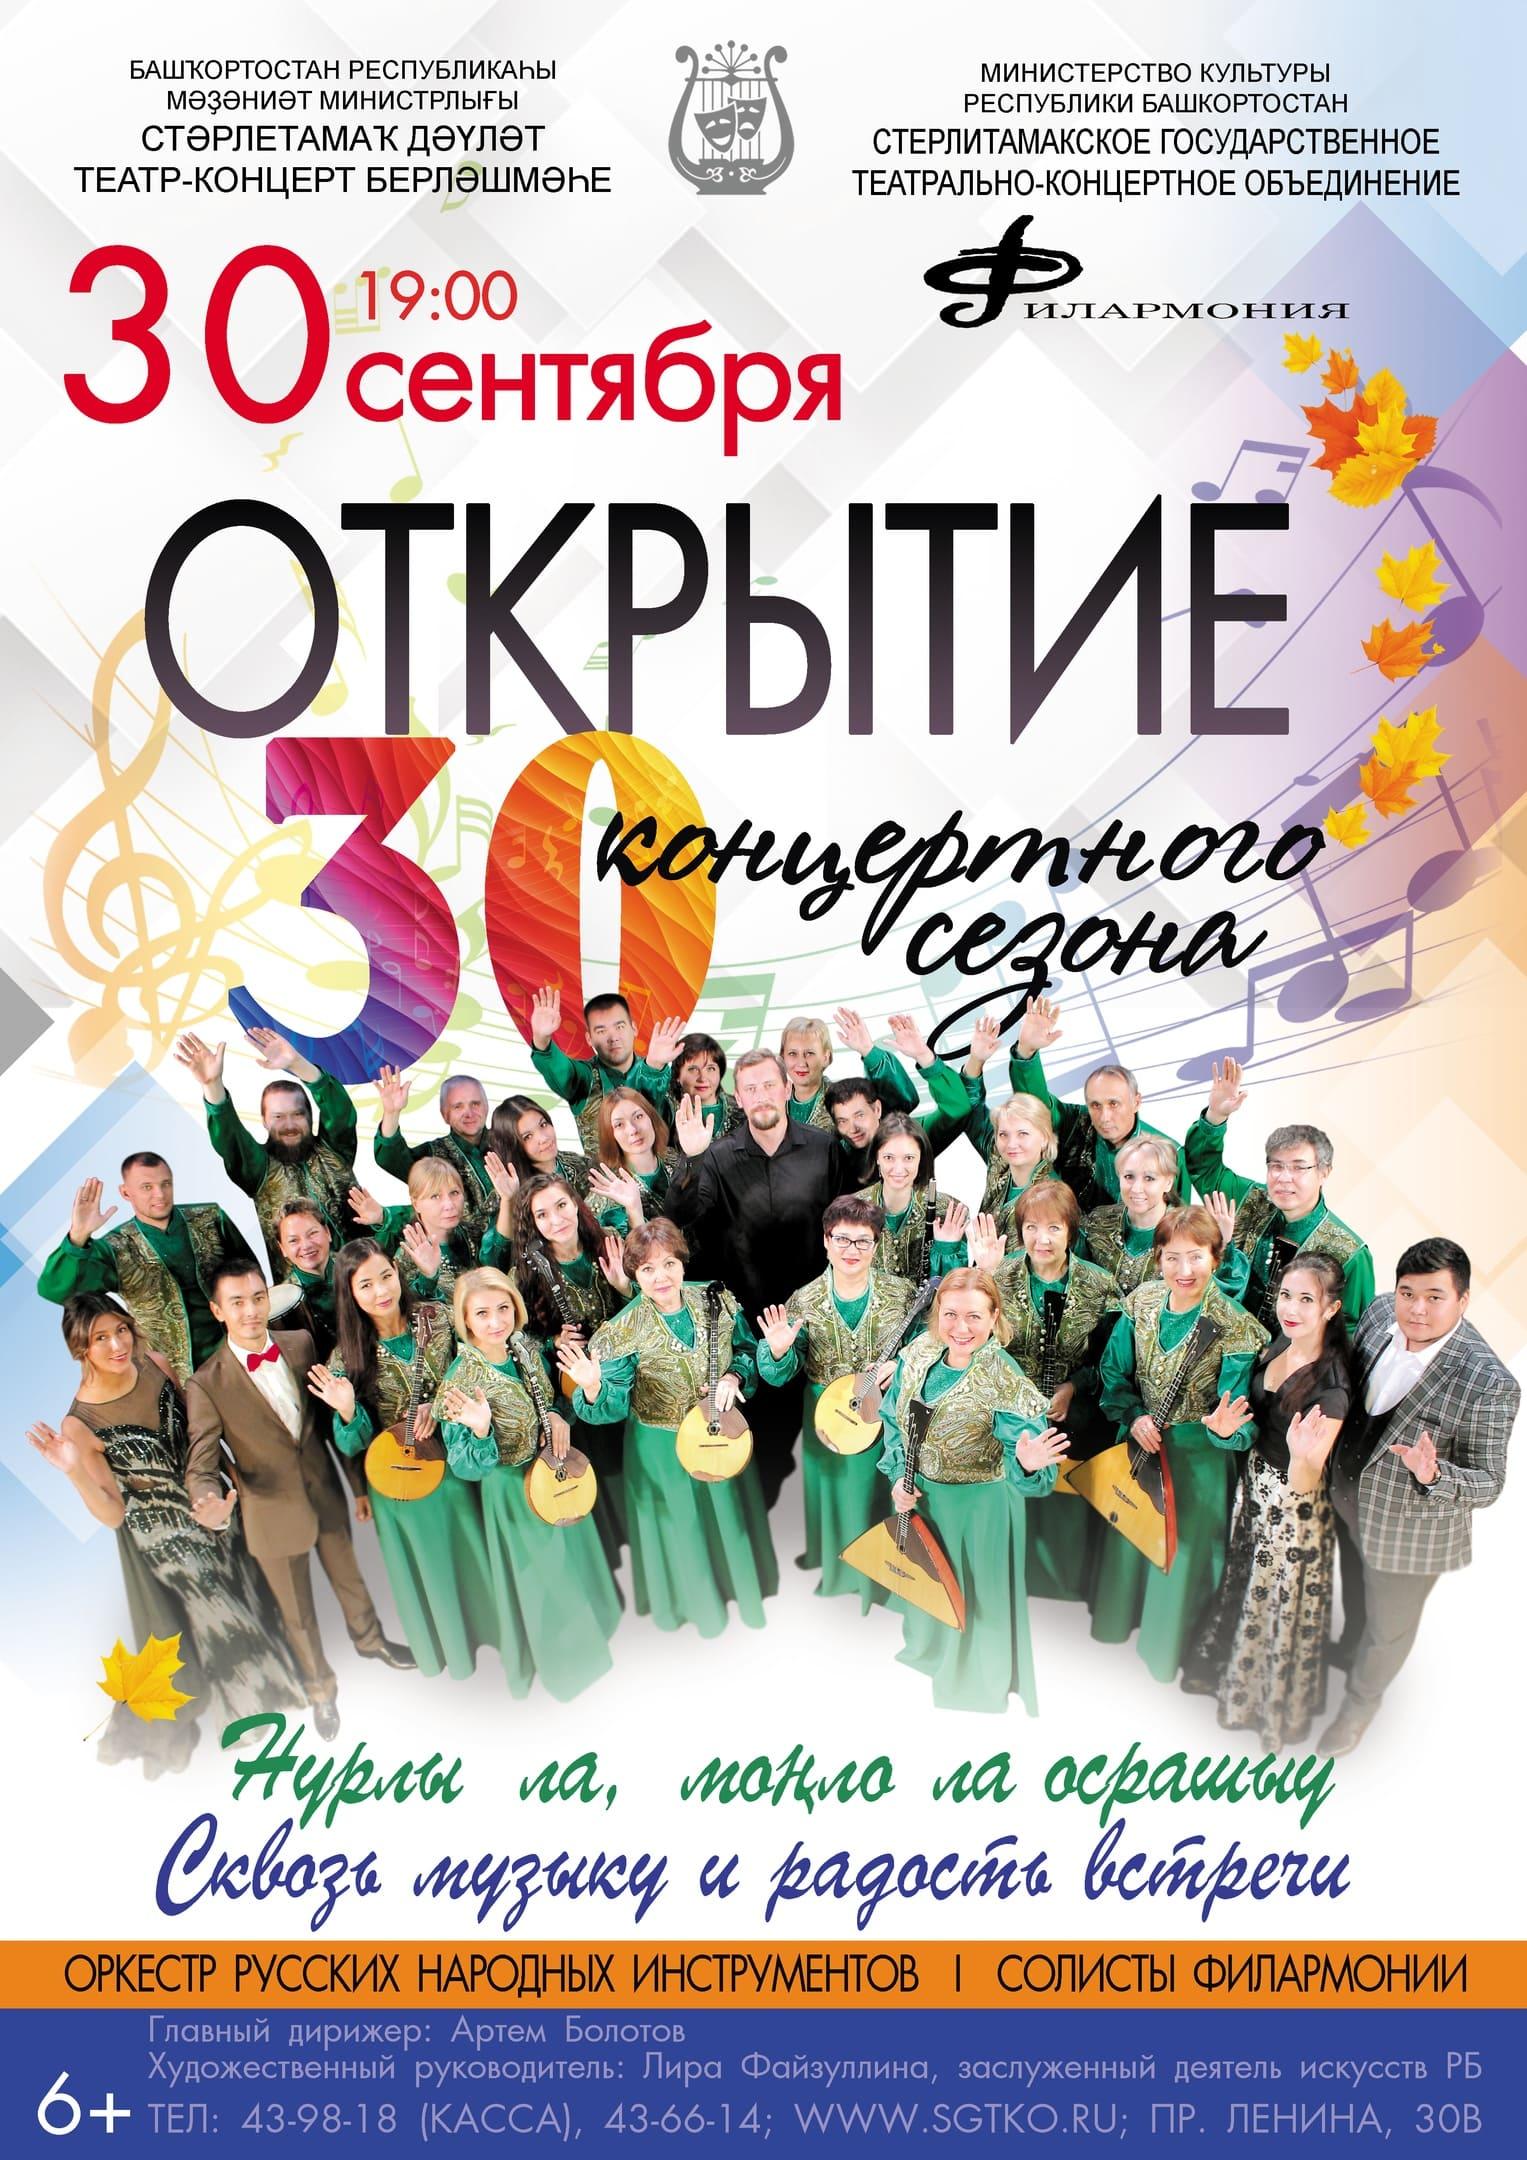 Открытие ХХХ концертного сезона